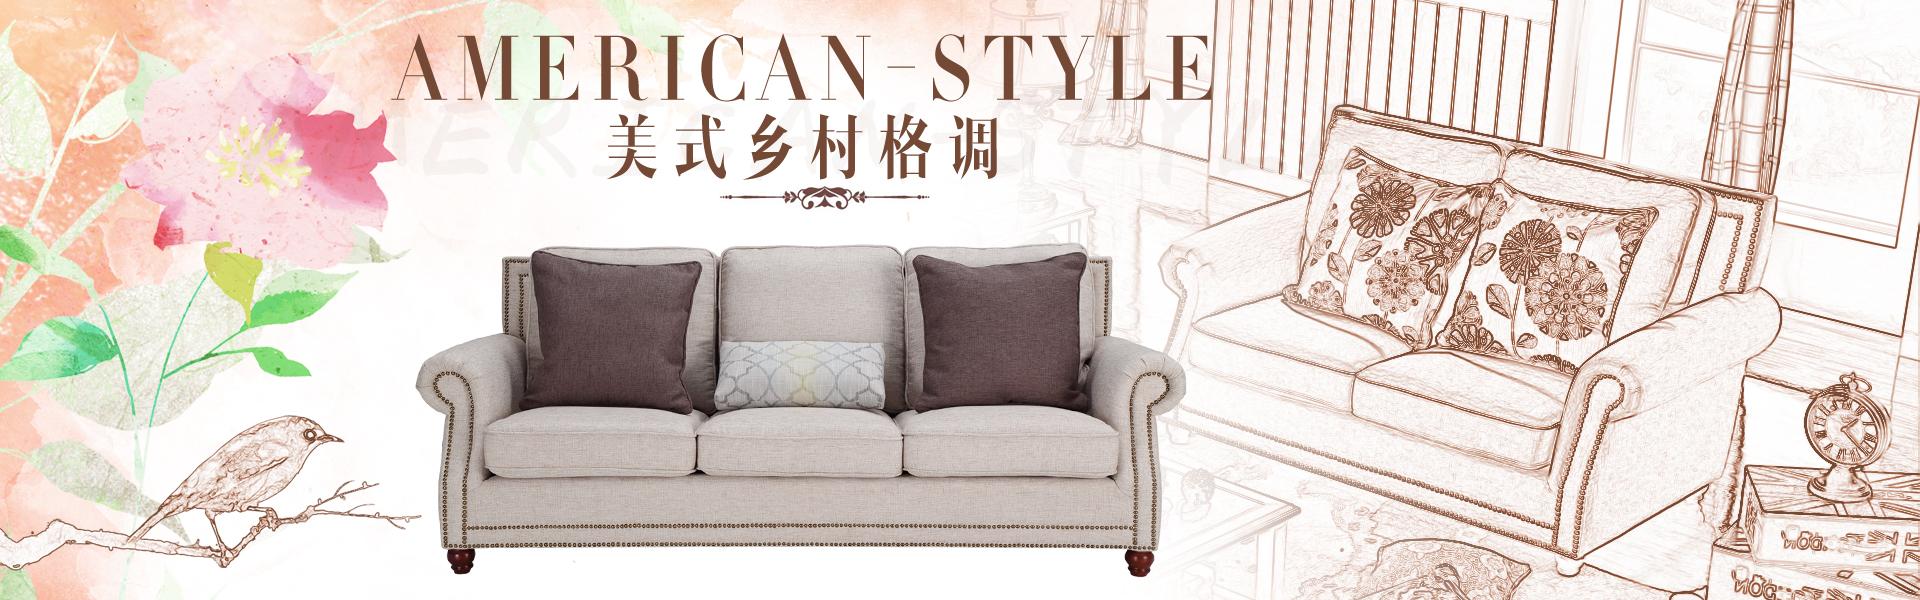 淘宝天猫家具海报设计 美式沙发沙发海报